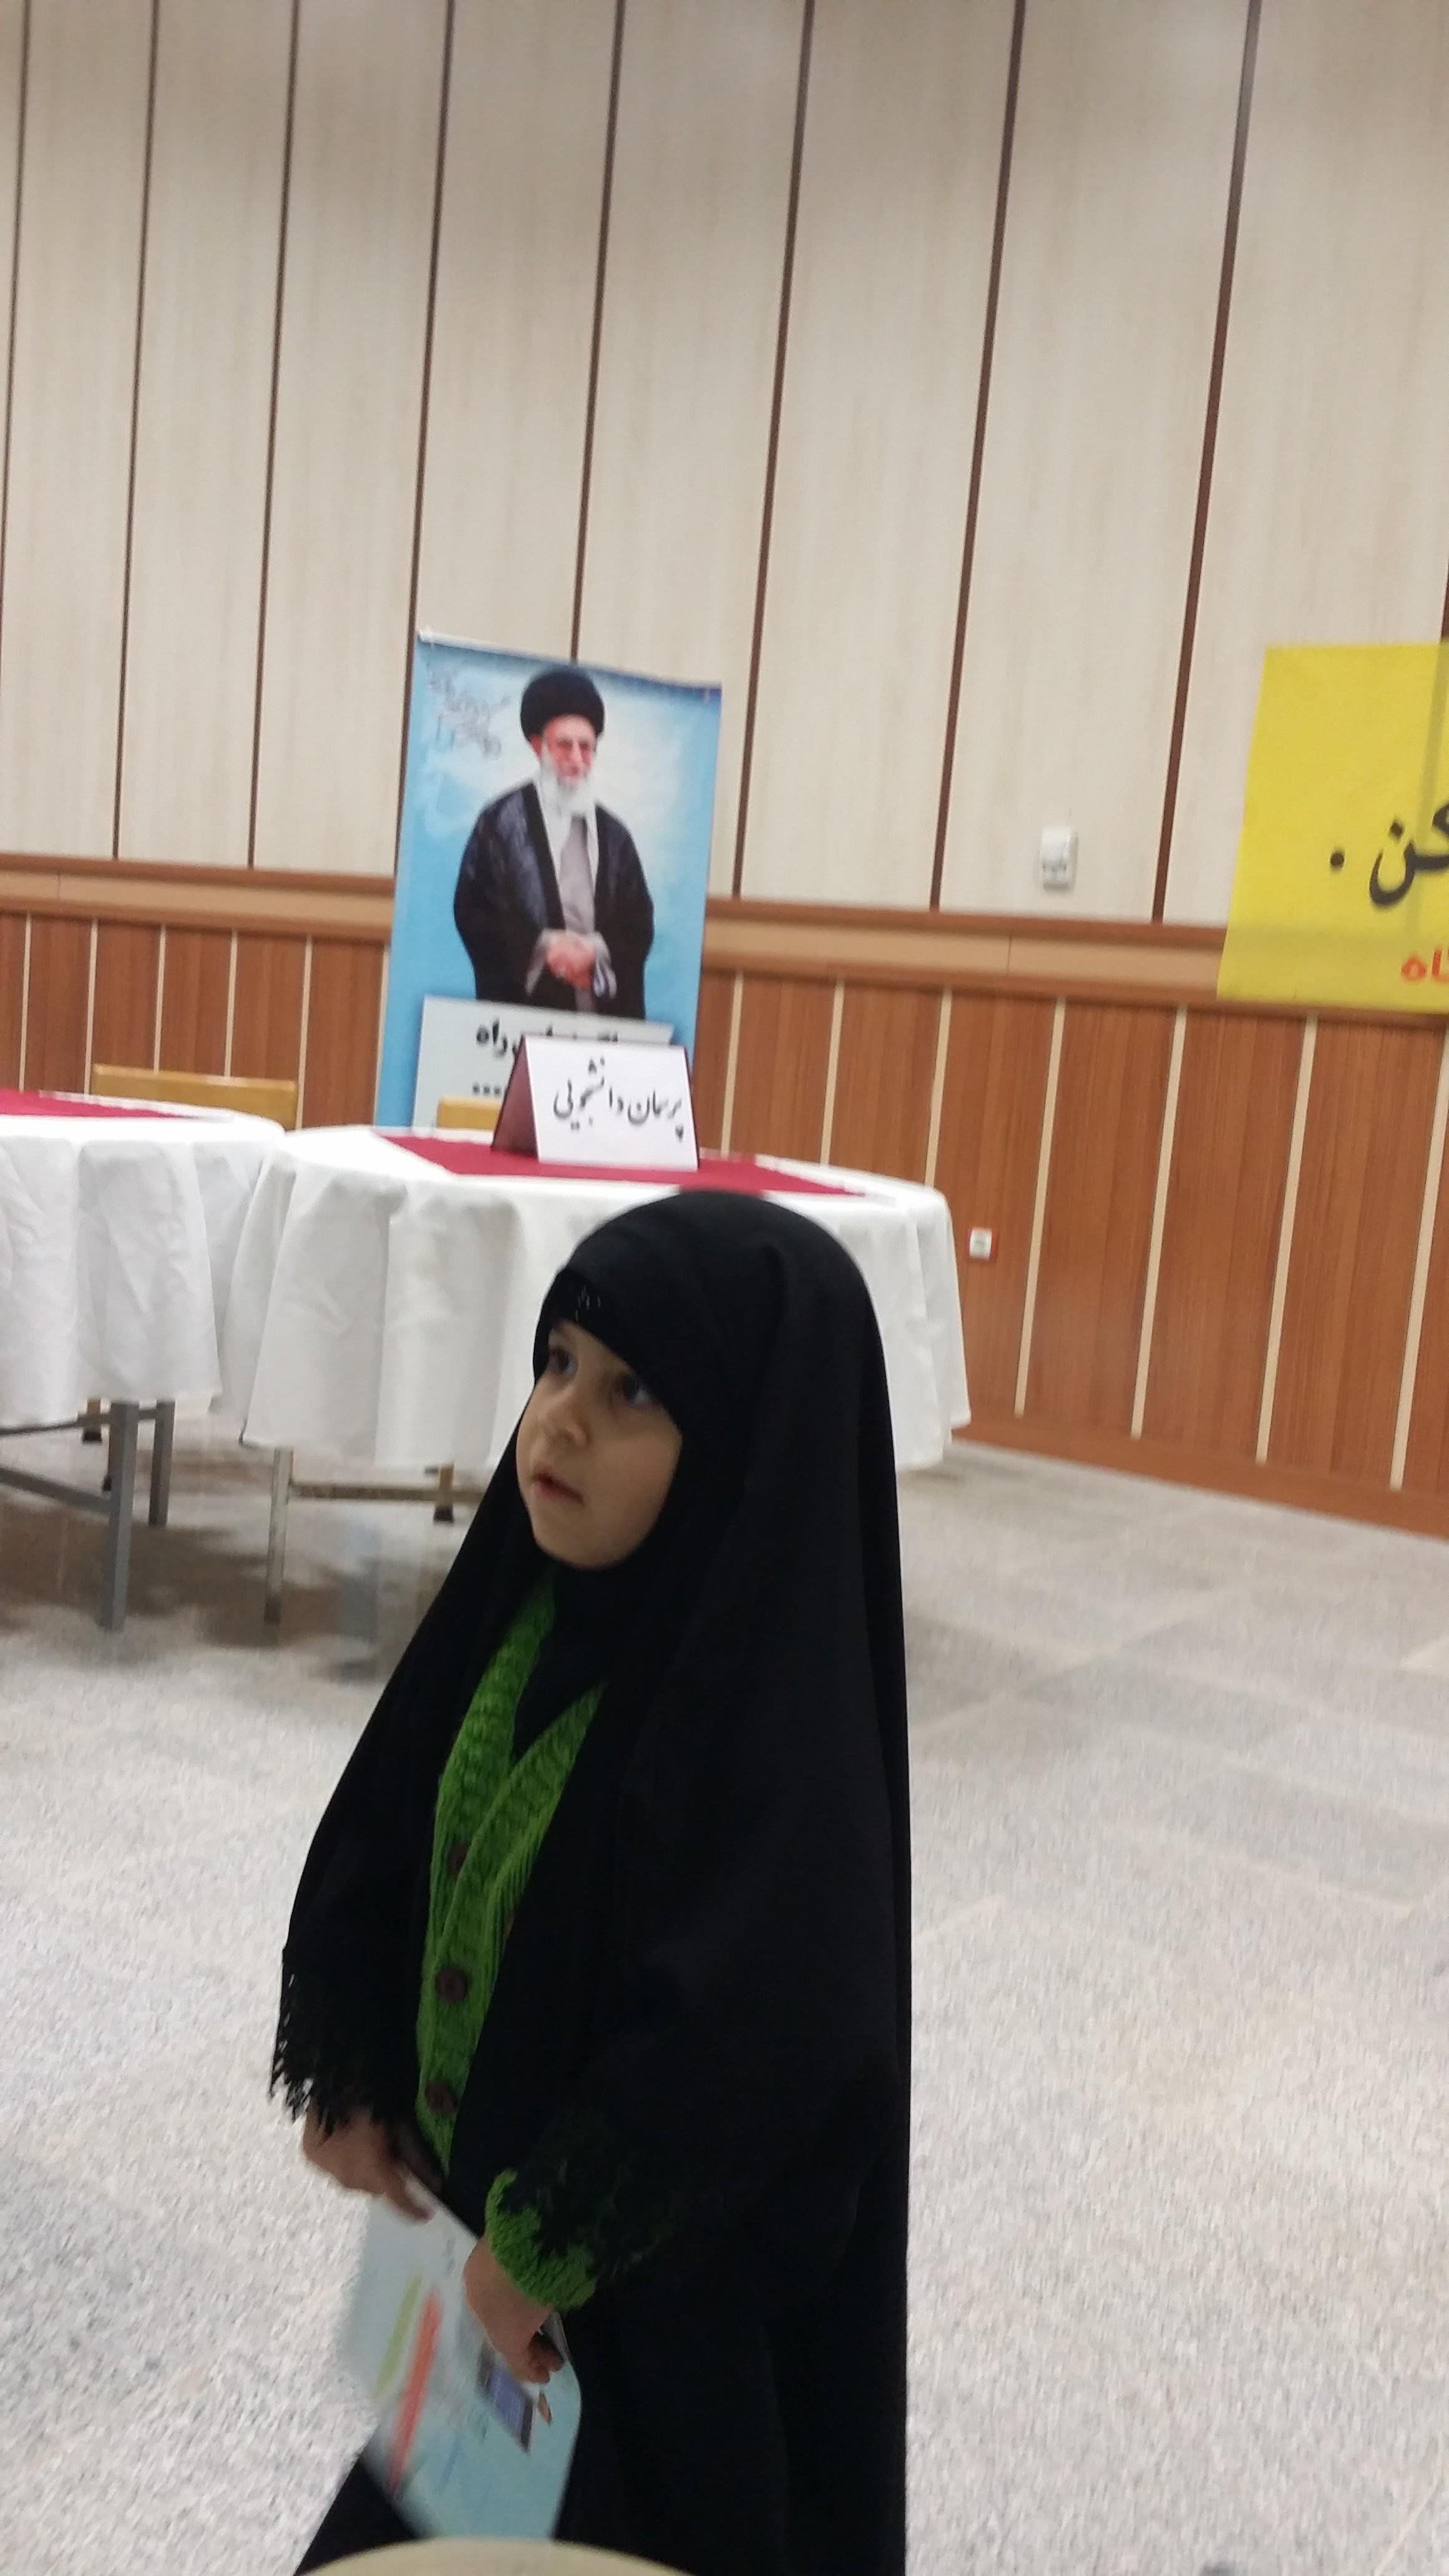 نمایشگاه حجاب و عفاف حریم ریحانه